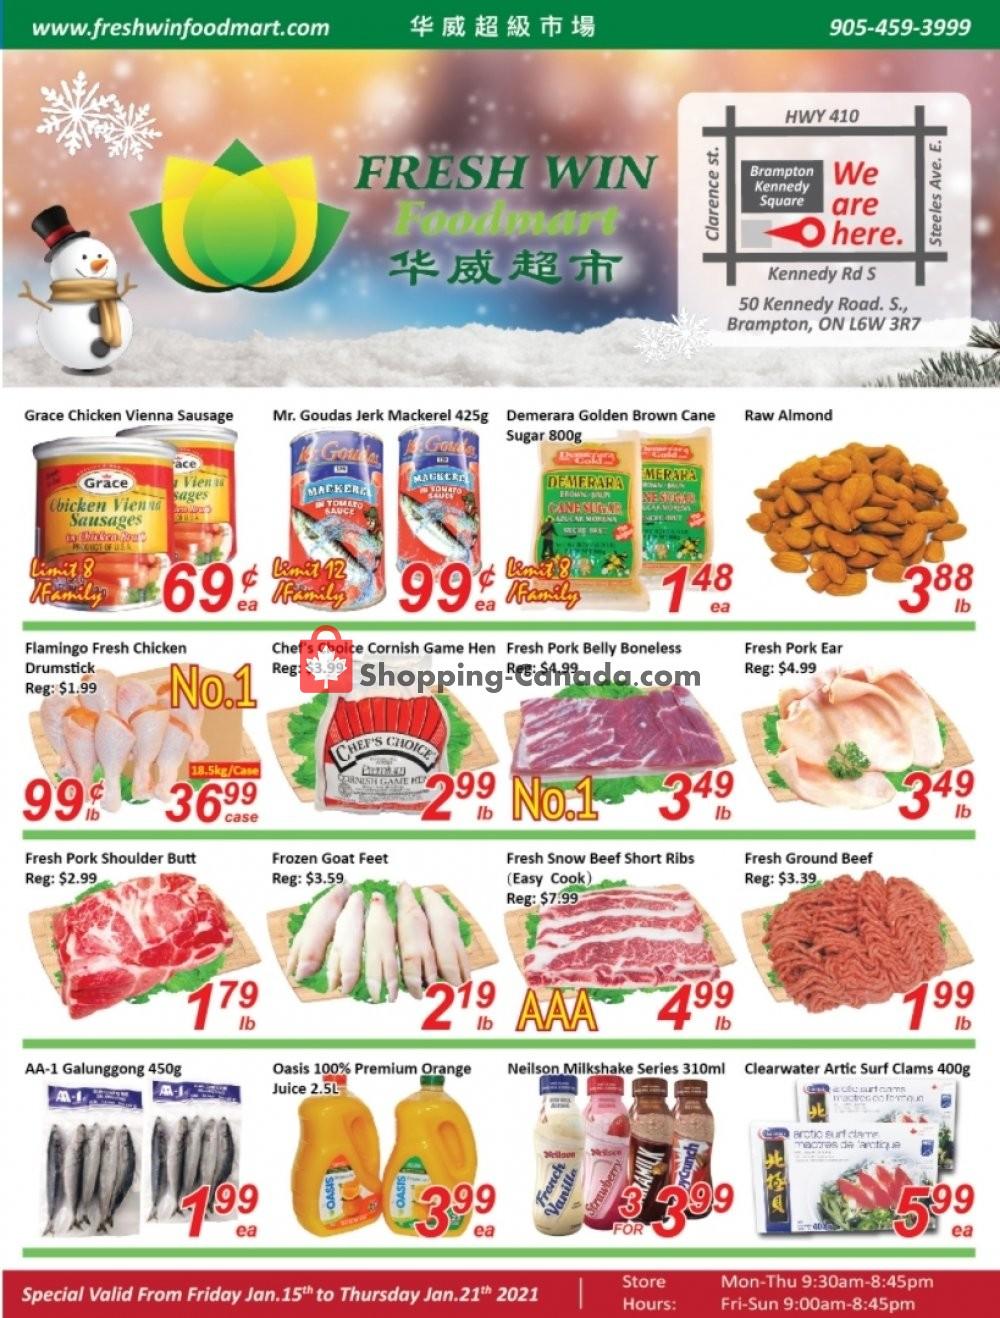 Flyer Seasons Food Mart Canada - from Friday January 15, 2021 to Thursday January 21, 2021